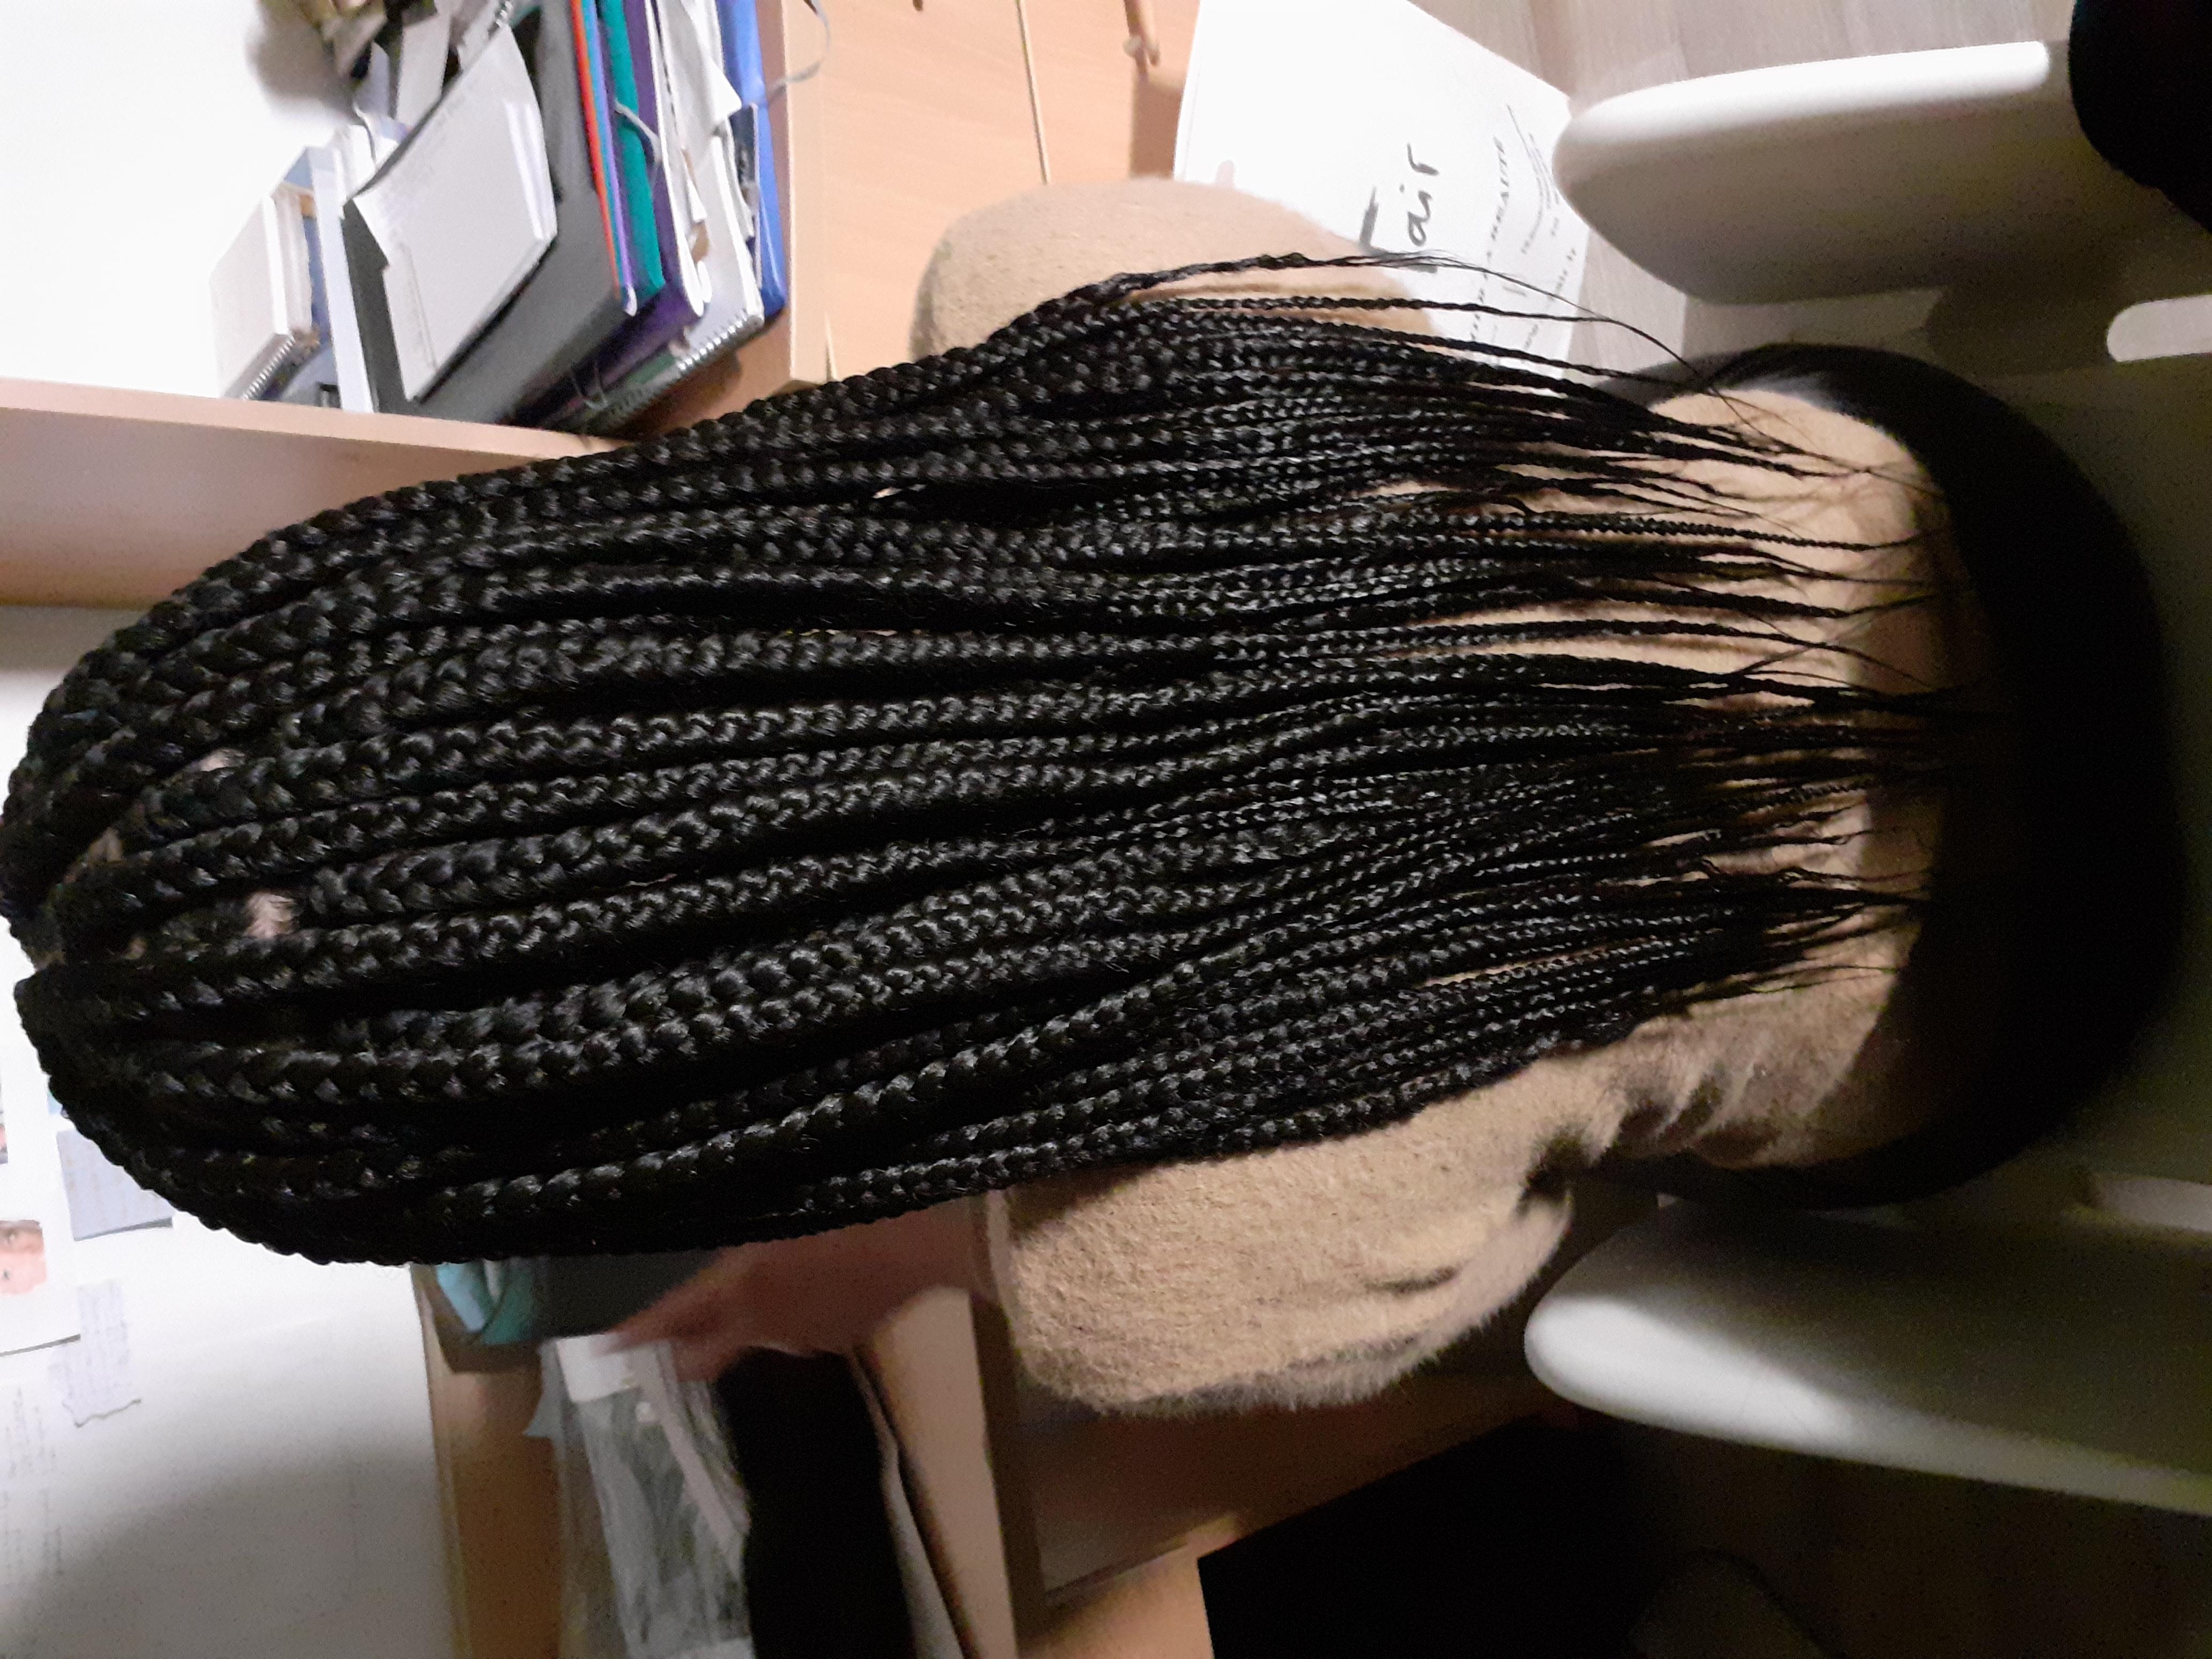 salon de coiffure afro tresse tresses box braids crochet braids vanilles tissages paris 75 77 78 91 92 93 94 95 EPRBUDRC